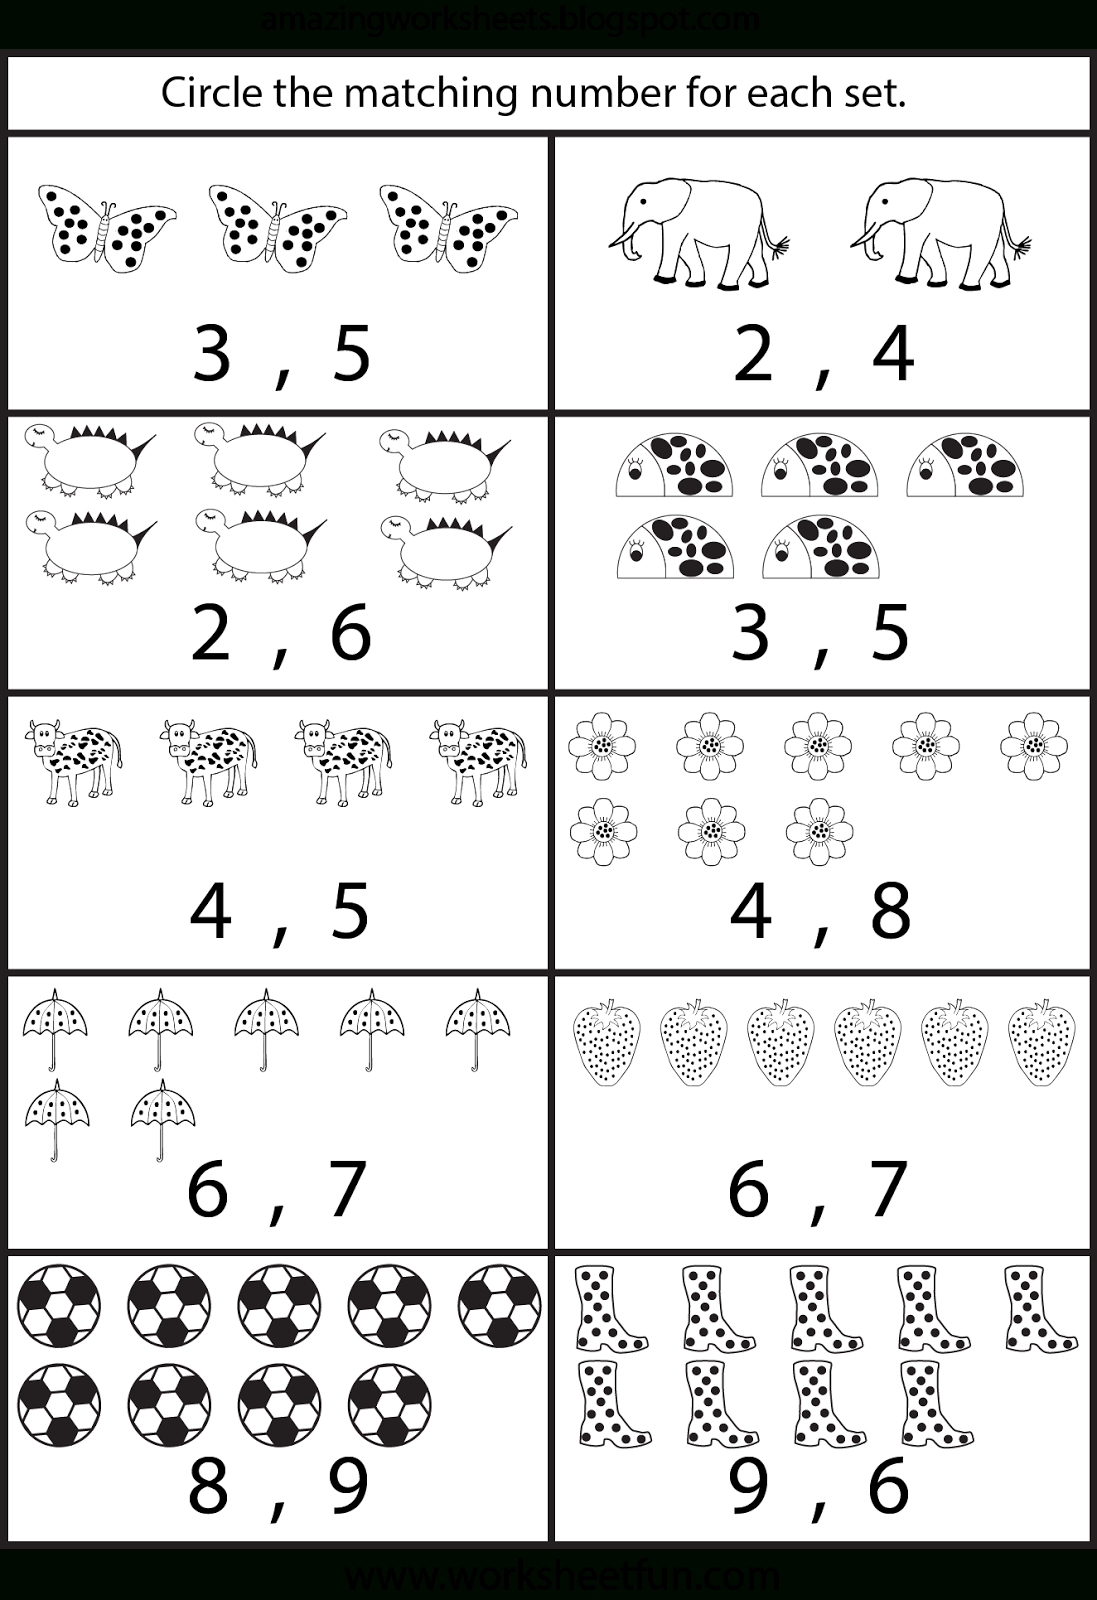 Counting Worksheets For Kindergarten   Arbeitsblätter ganzes Arbeitsblätter Für Vorschulkinder